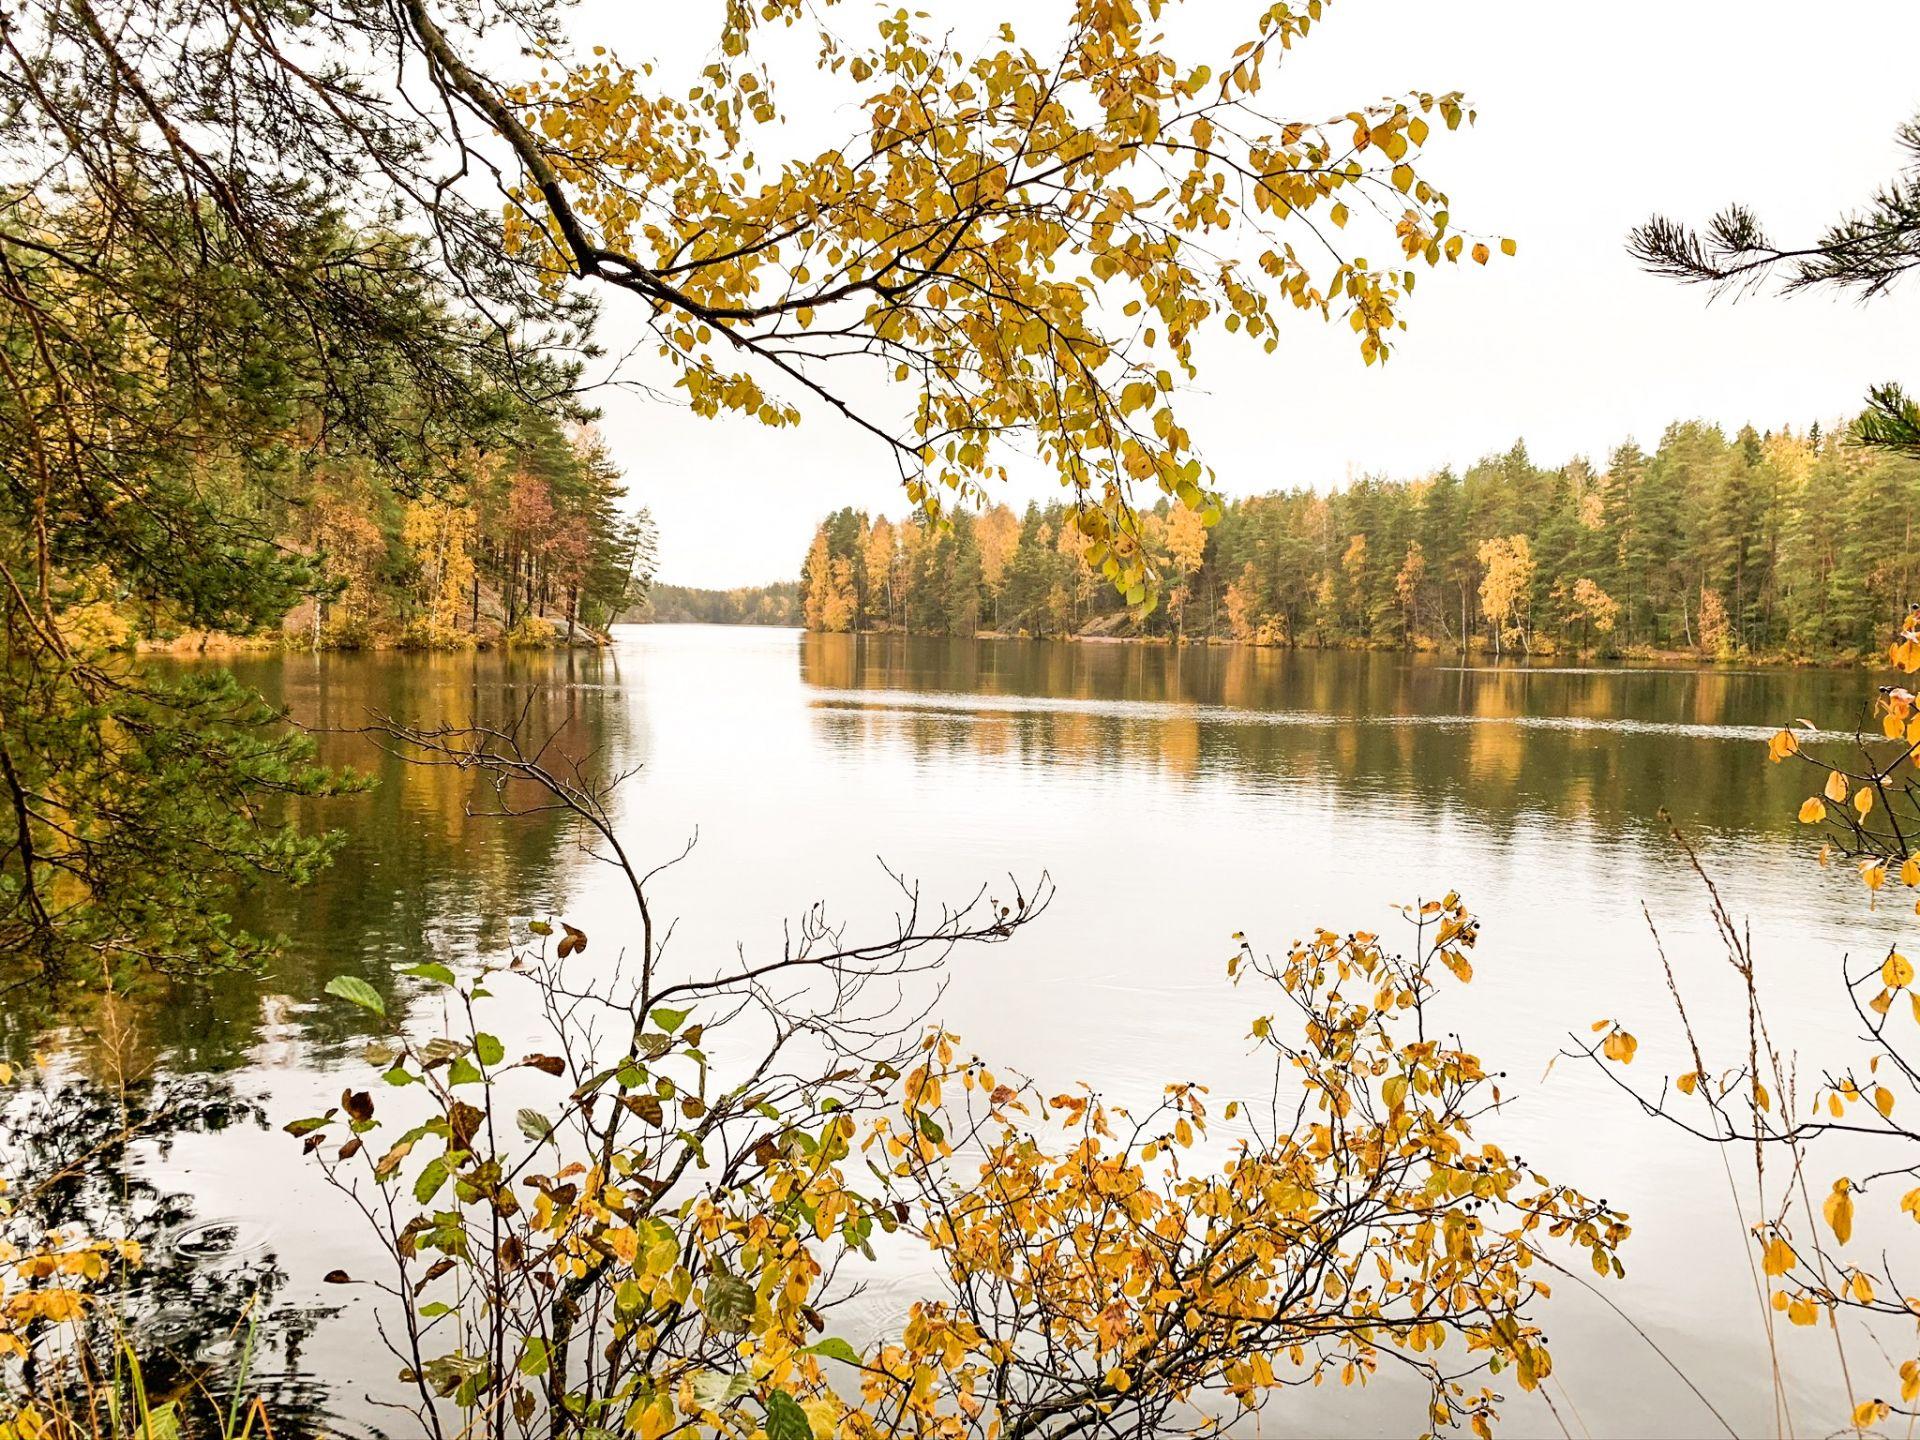 hiking in Luukki Espoo